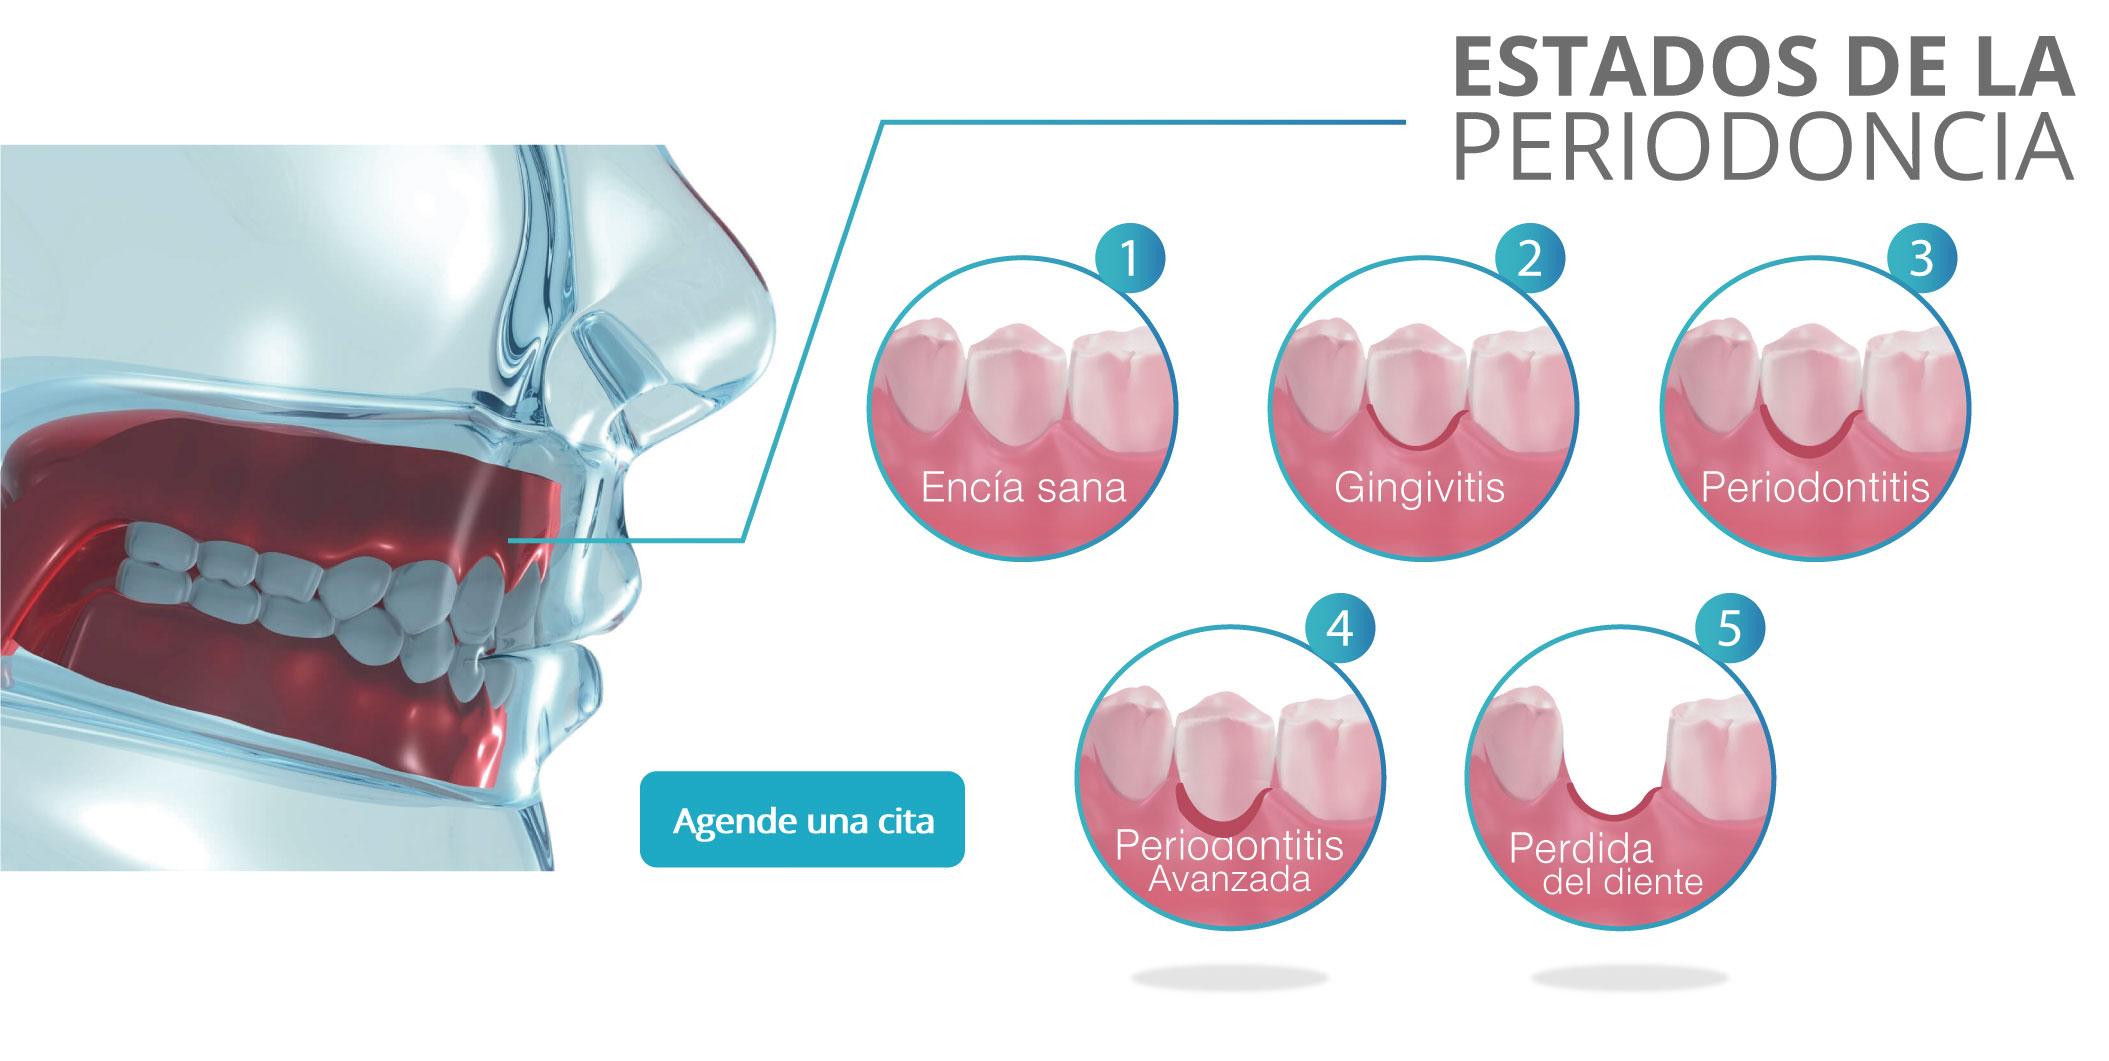 estados-de-la-periodoncia-clinica-dentisa